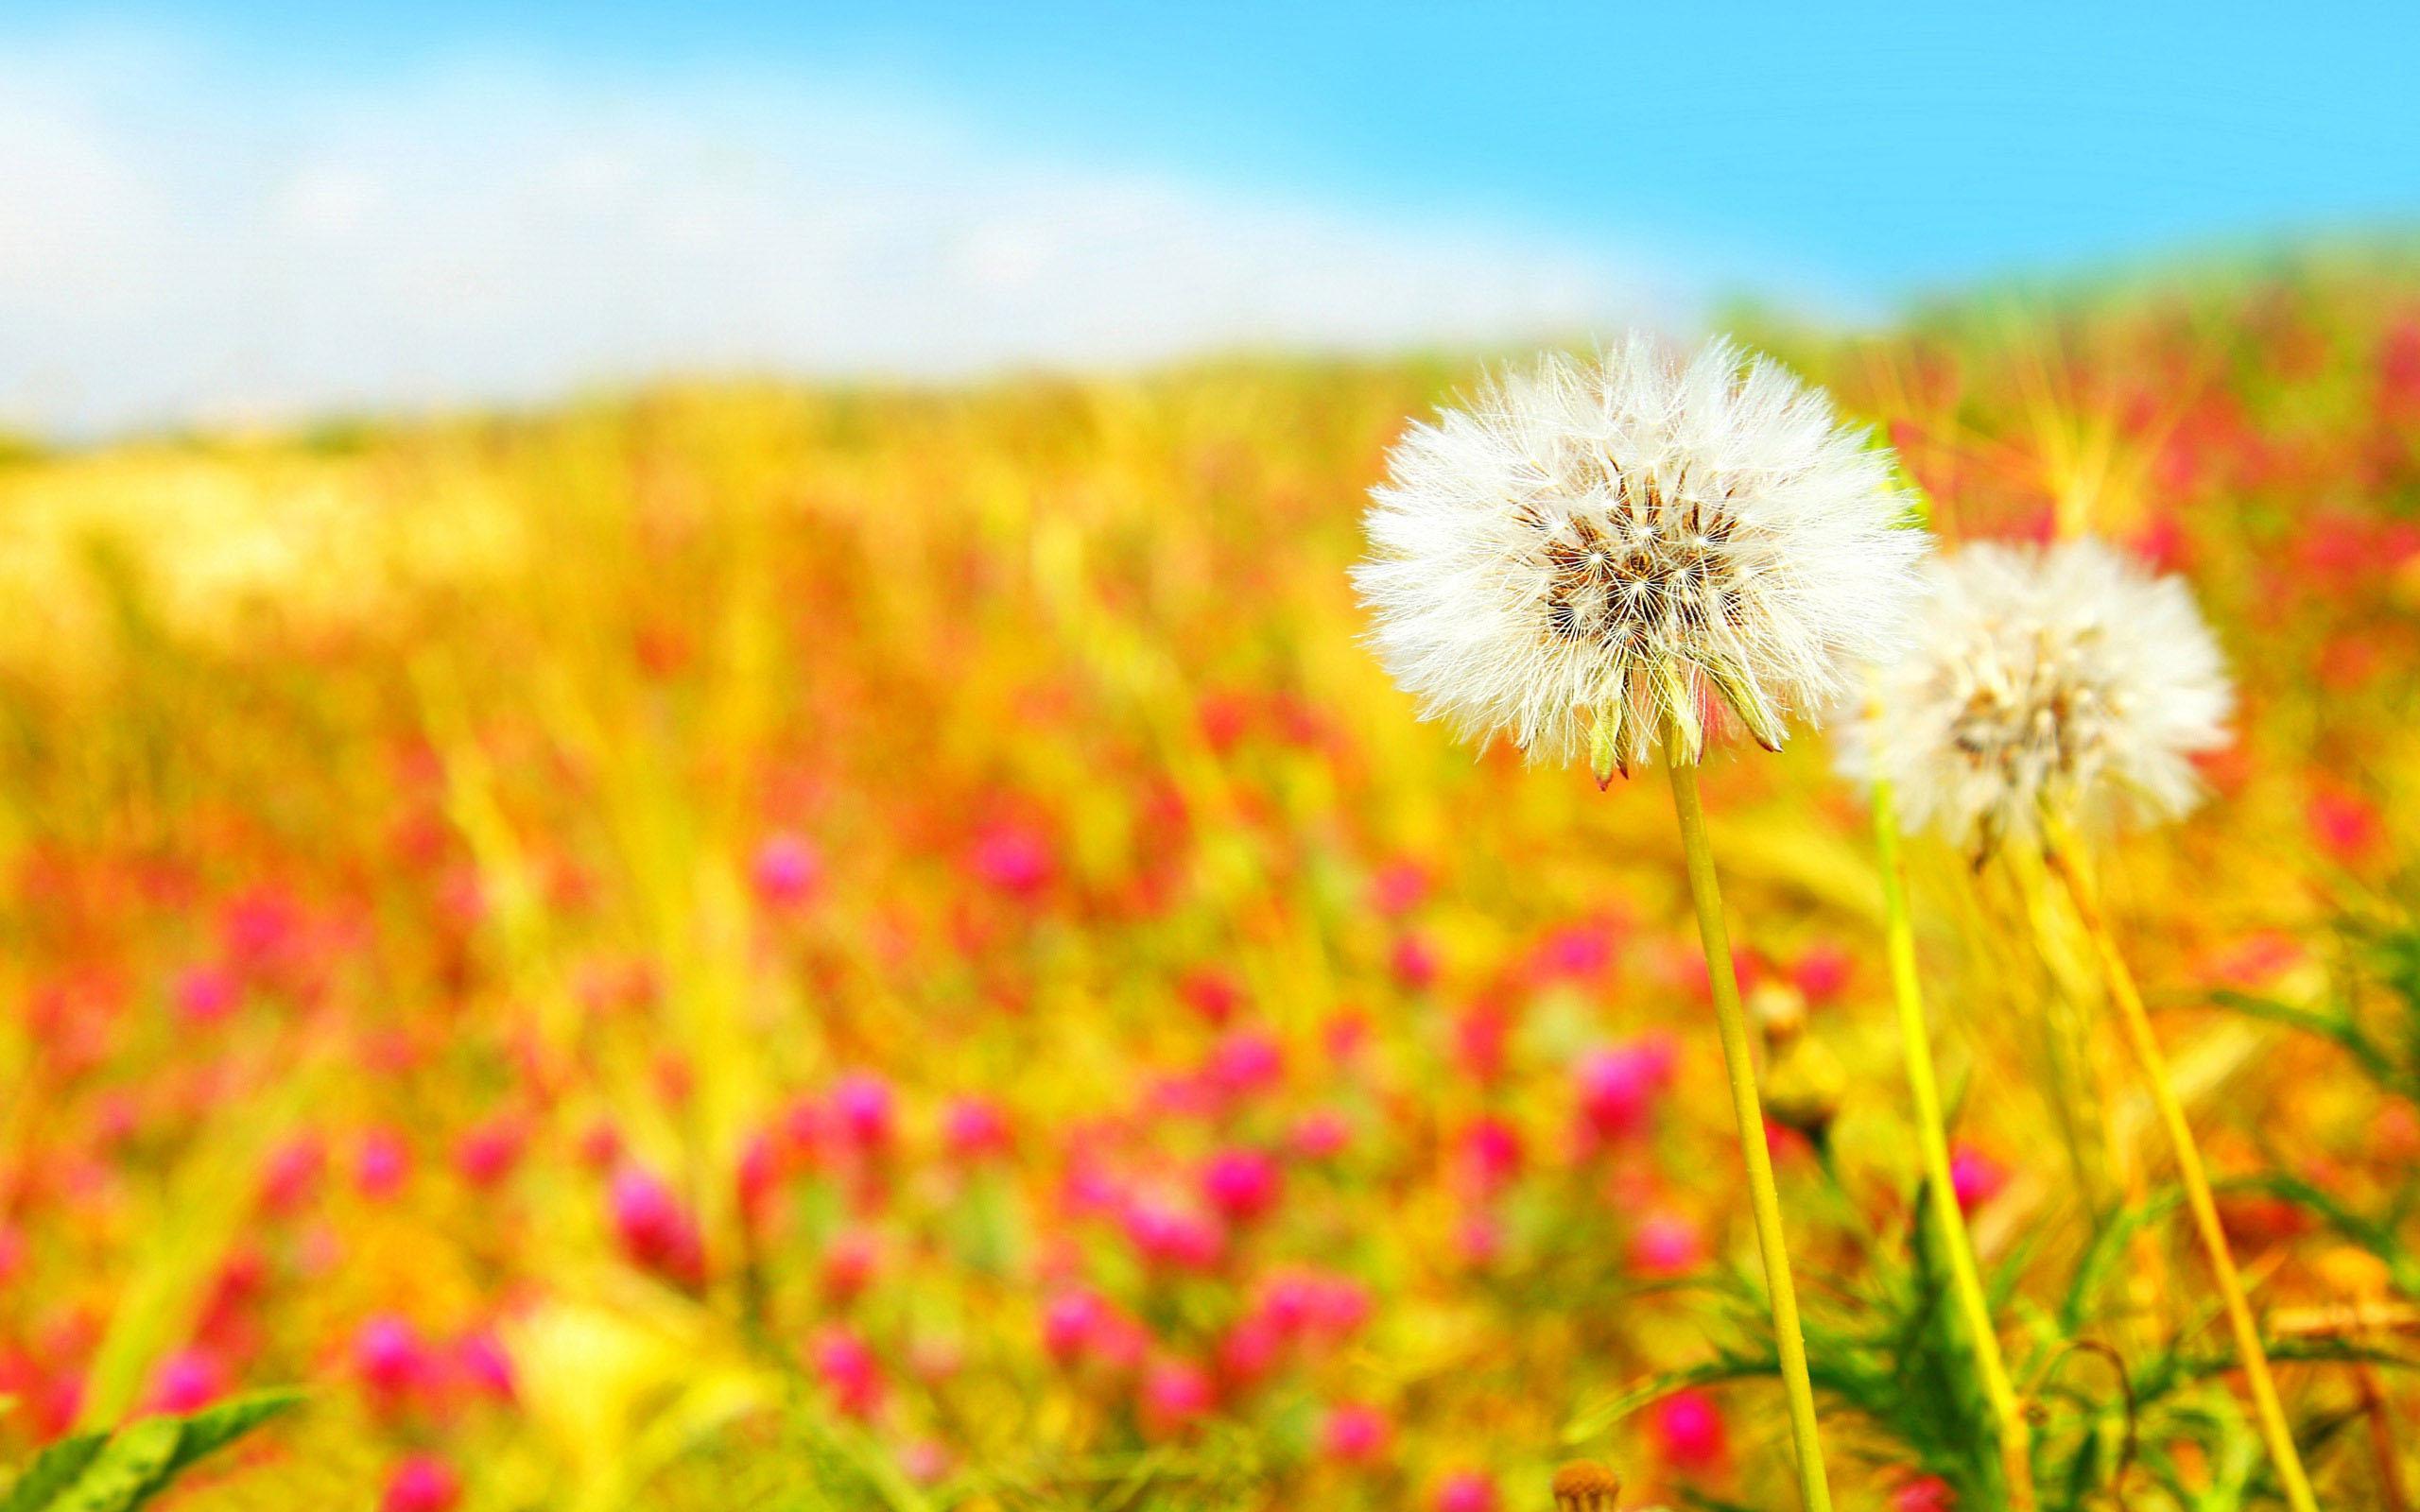 Cute Summer Backgrounds Hd Backgrounds 5 High Wallpaperizcom 2560x1600